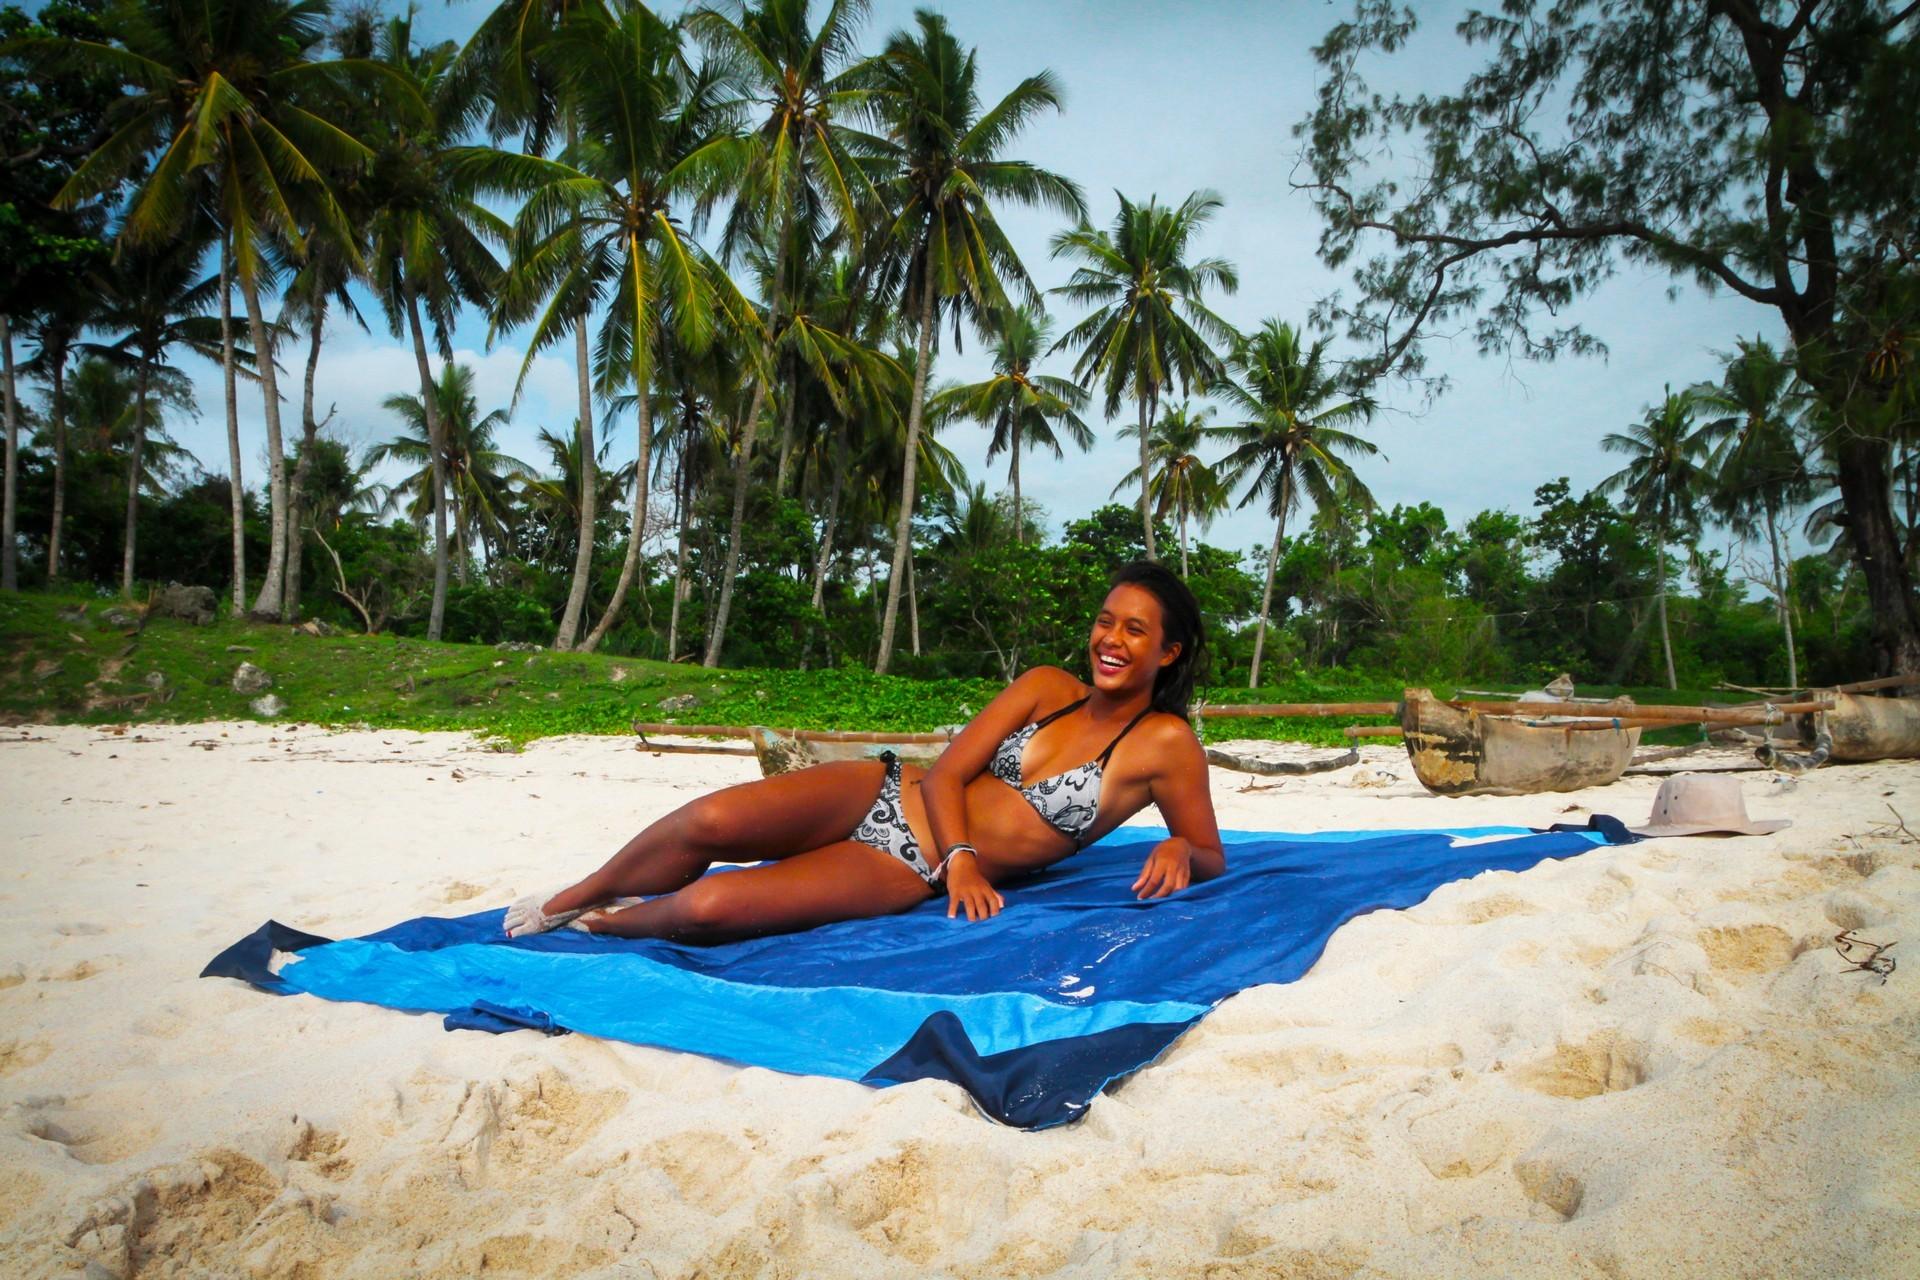 Девушка на голубом пляжном покрывале.